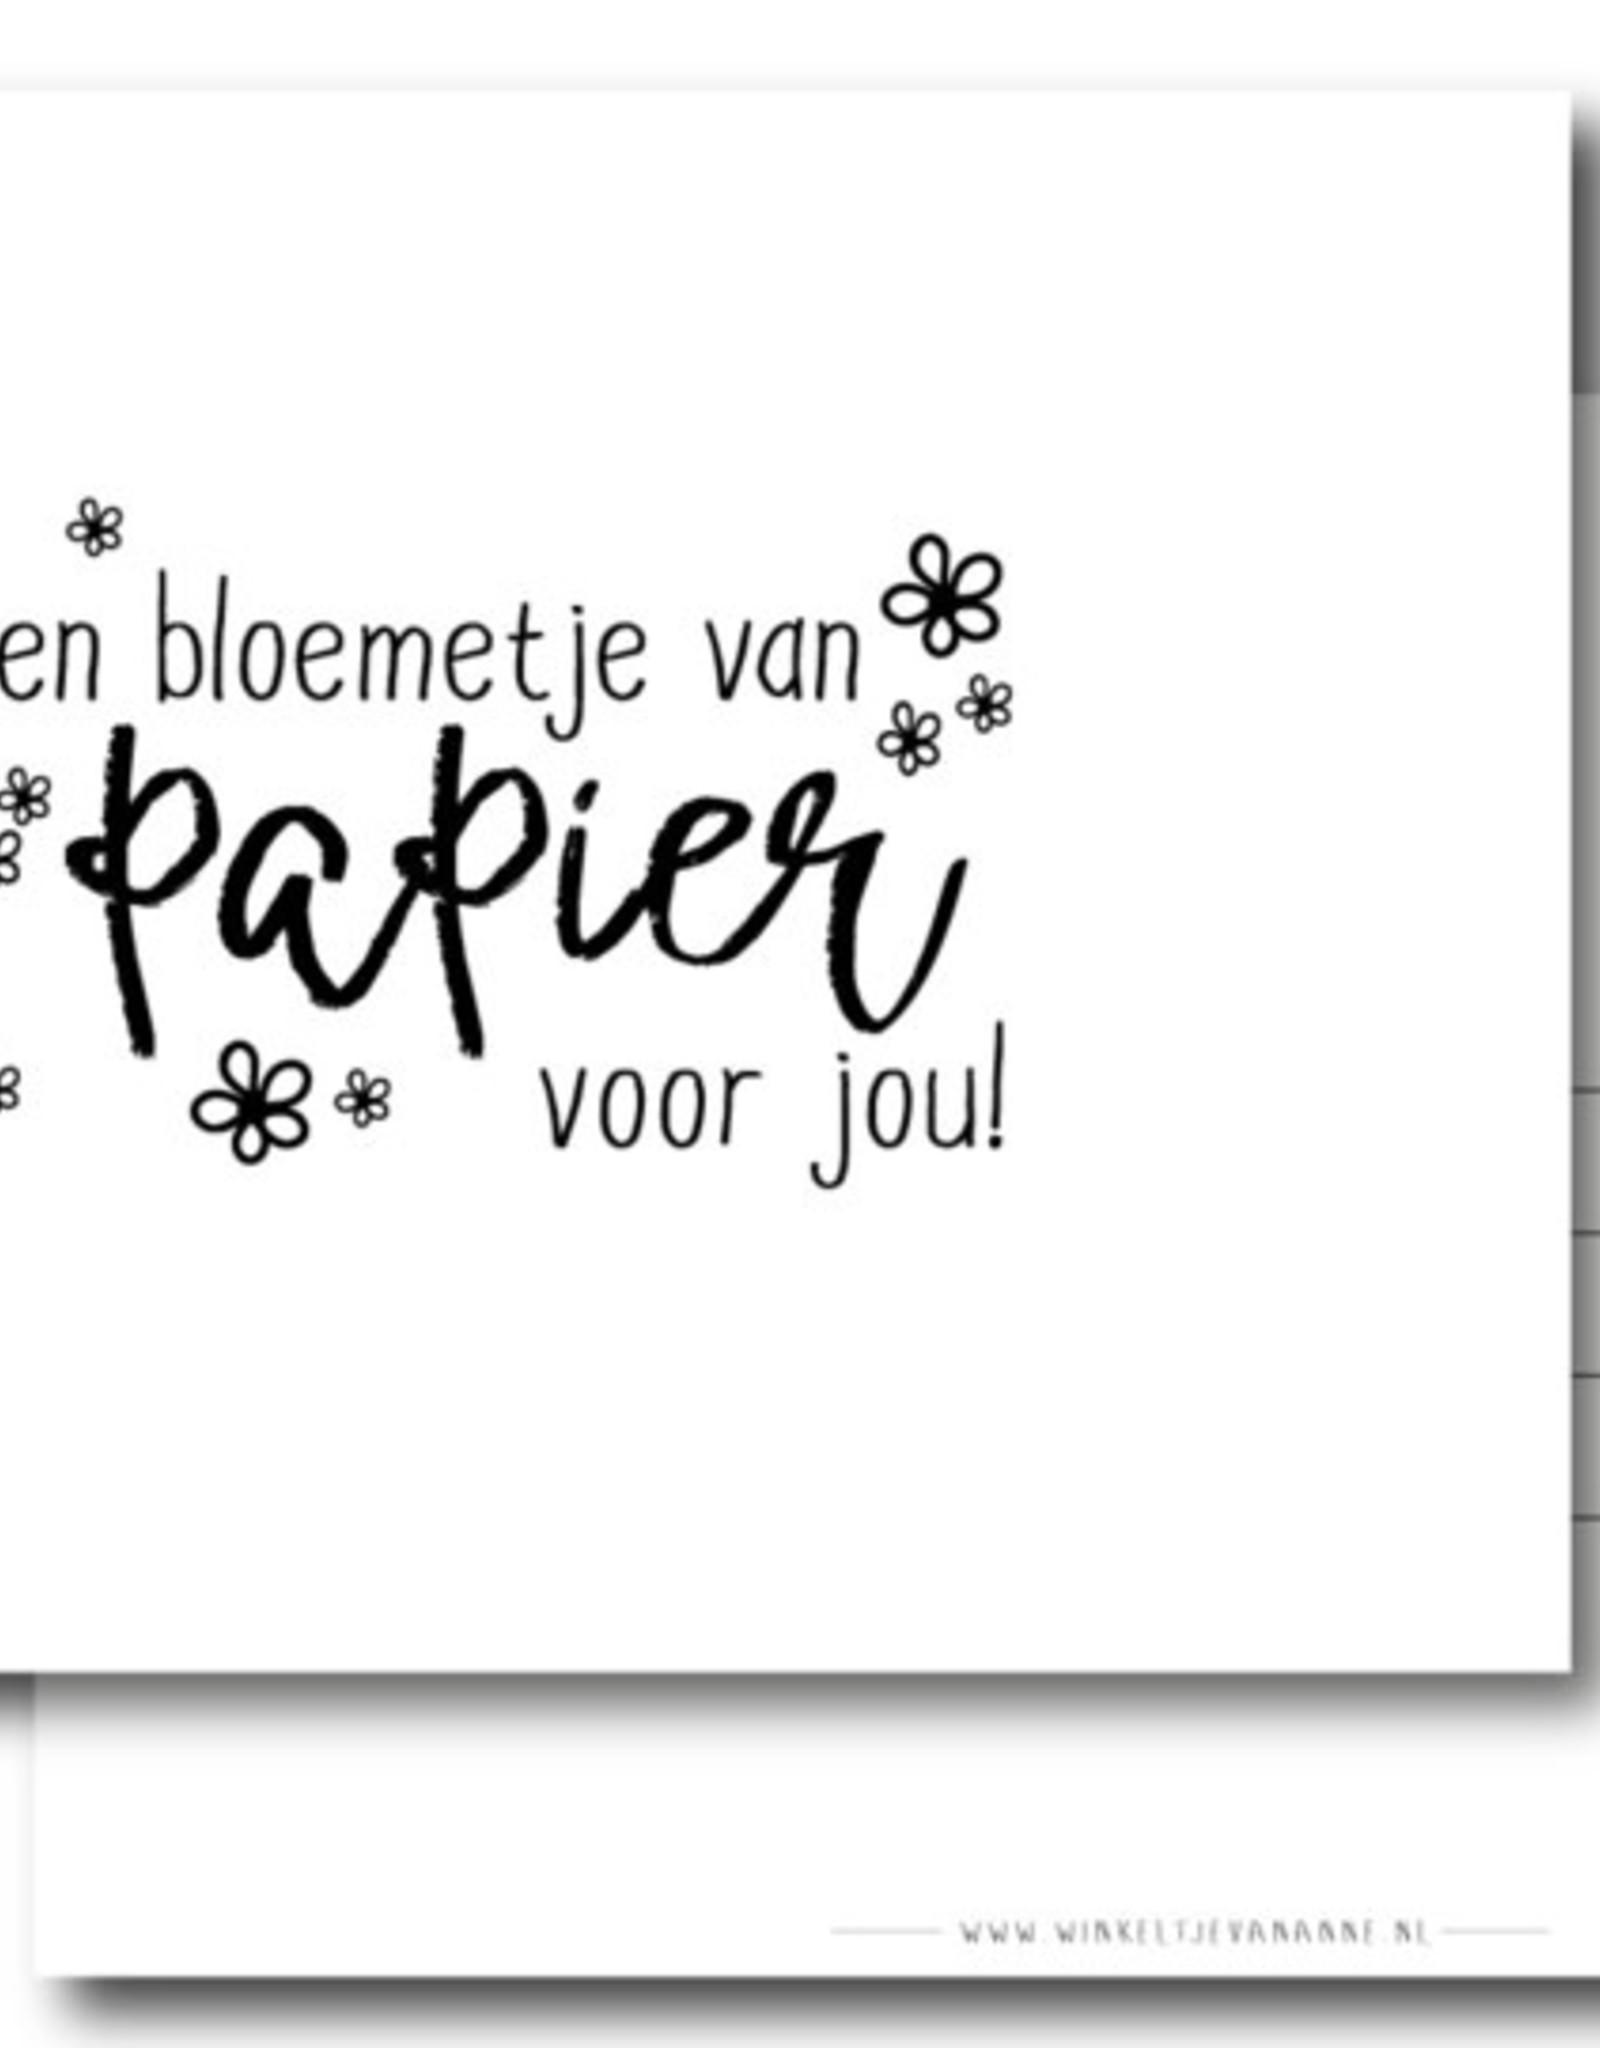 Winkeltje van Anne kaart a6 winkeltje van anne: een bloemetje van papier voor jou!